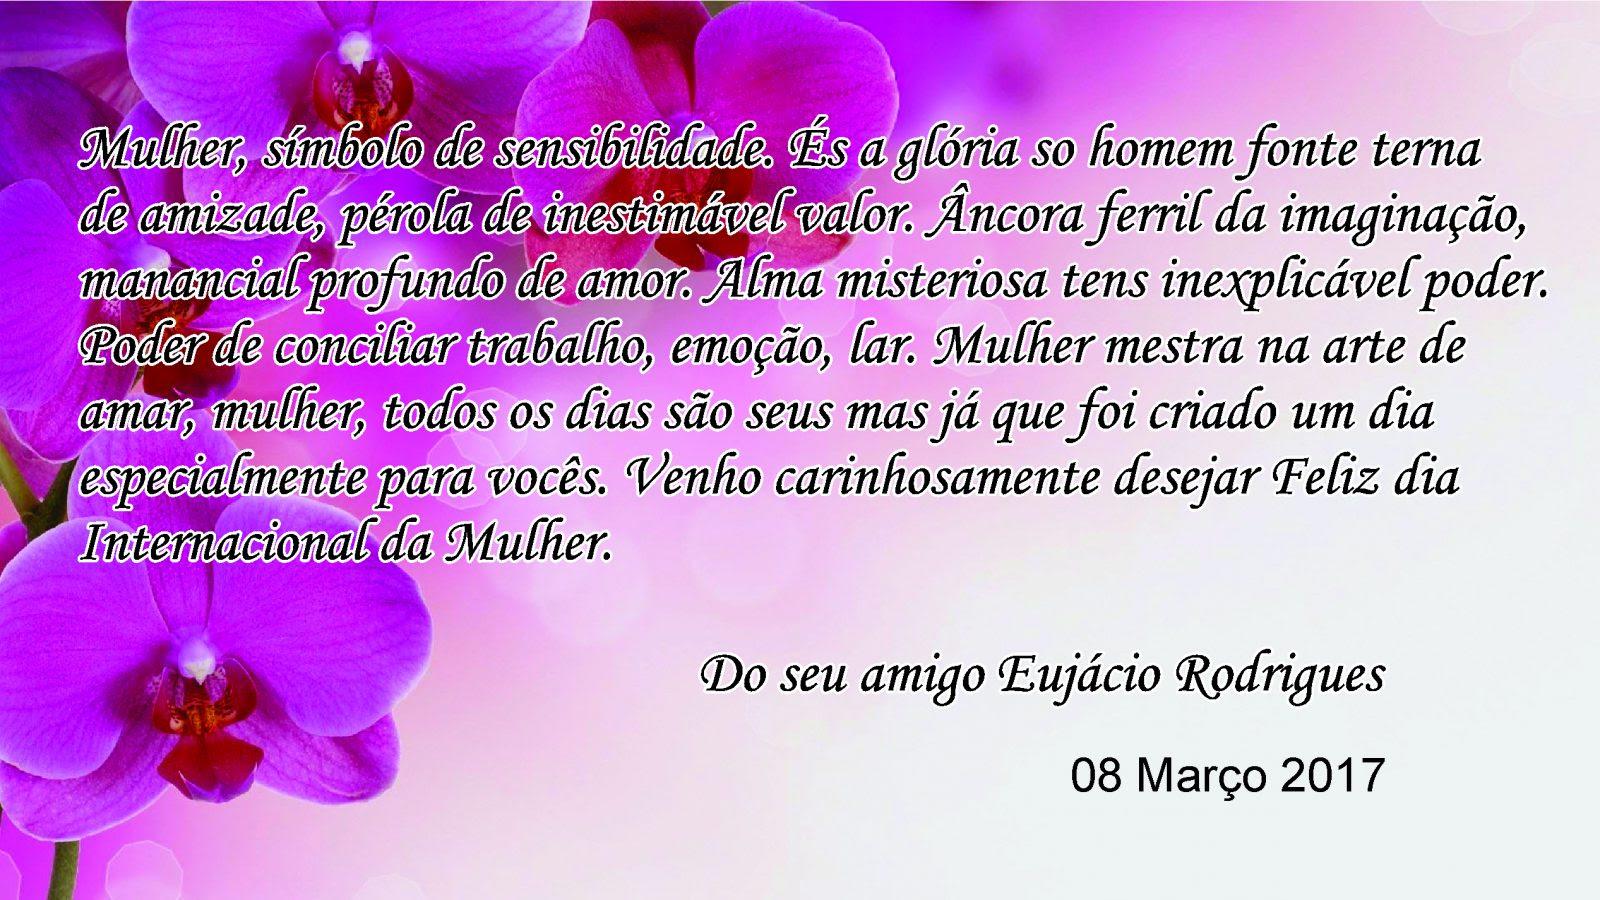 O Prefeito Eujacio Rodrigues Presta Homenagem Ao Dia Internacional